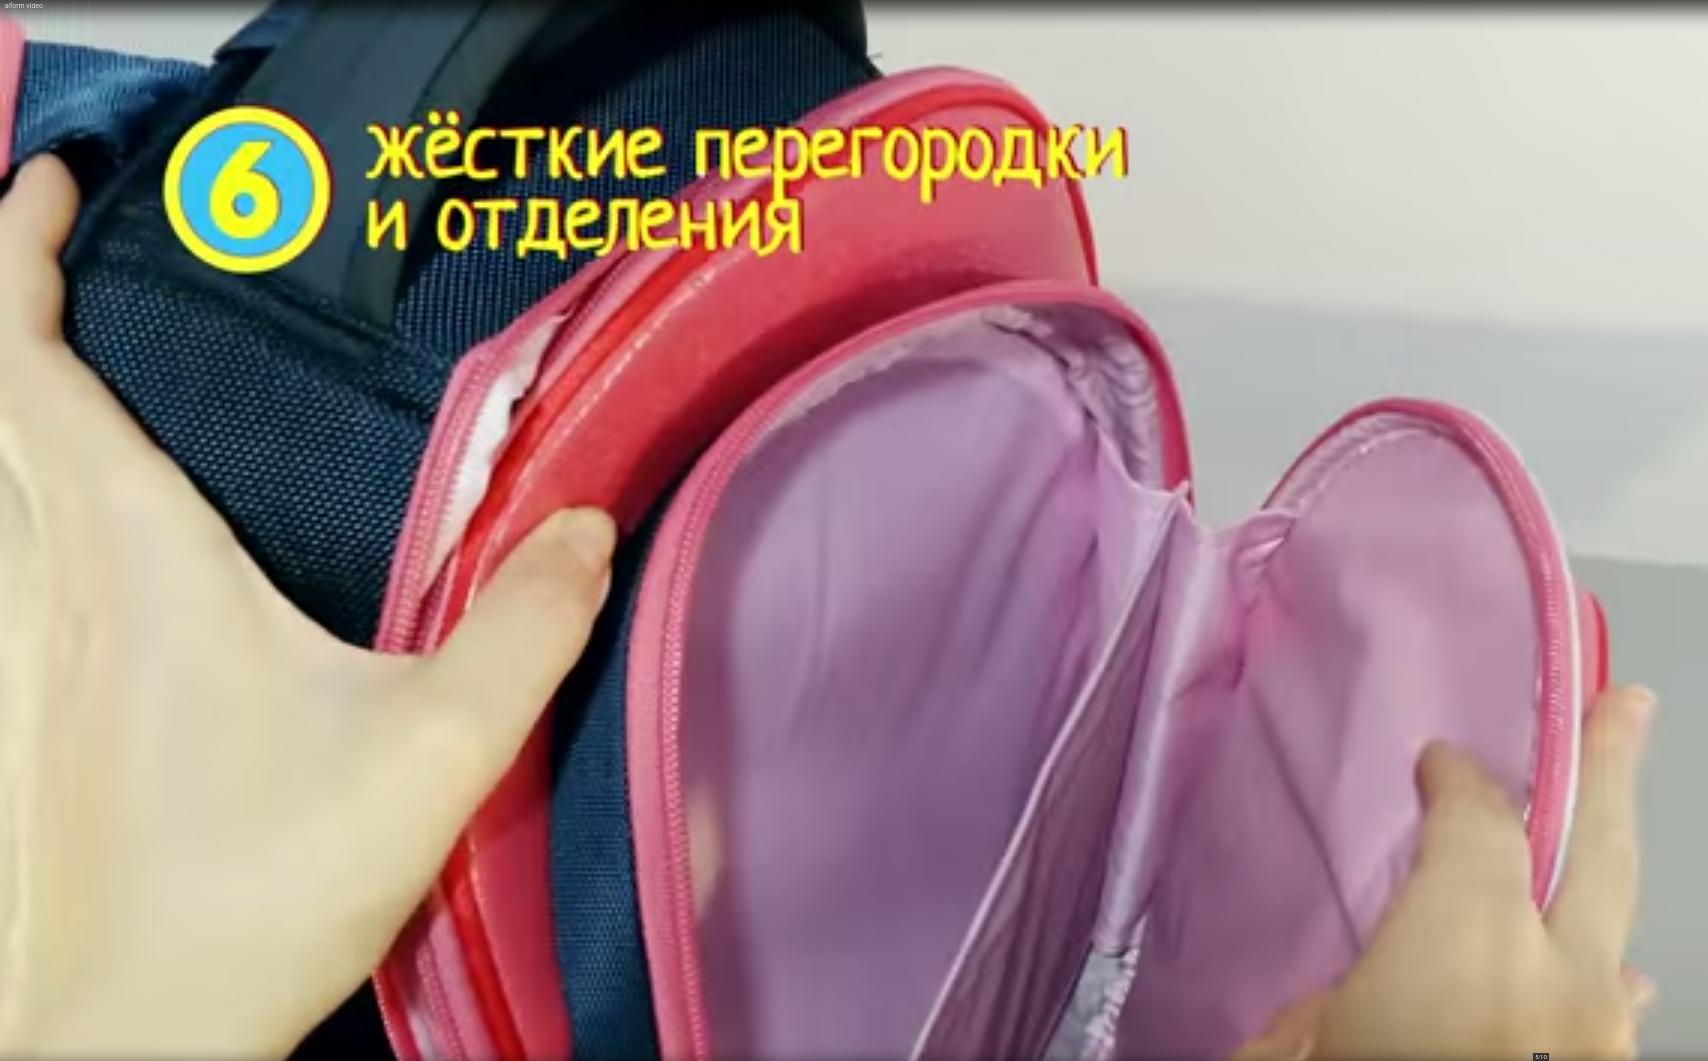 Школьный рюкзак Hummingbird TK46 официальный с мешком для обуви, - фото 6